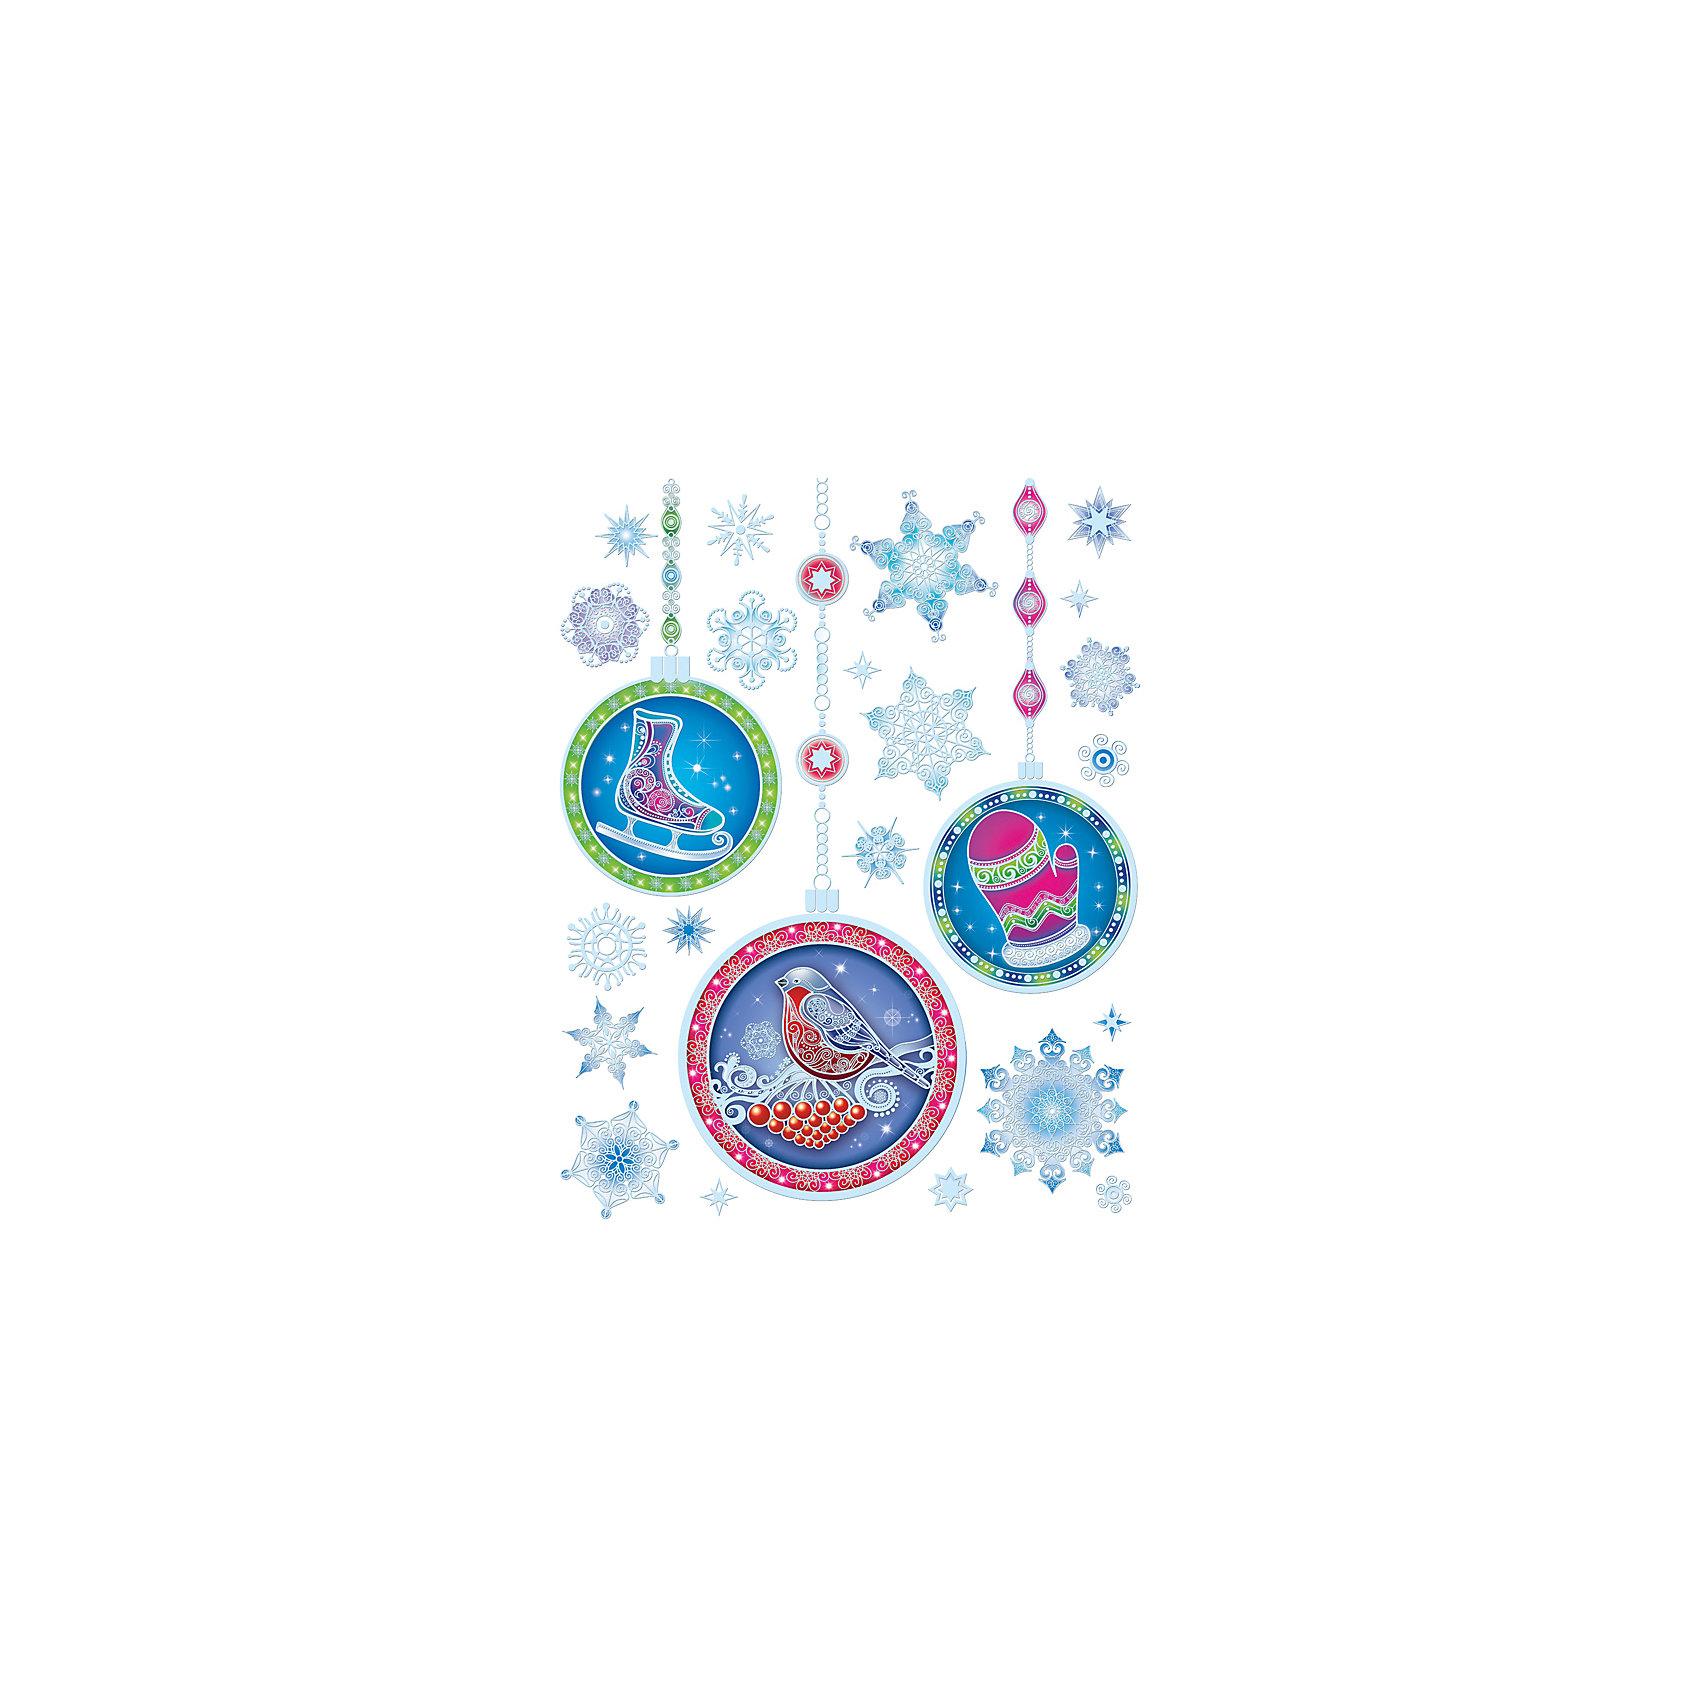 Украшение на окно 30*38 см ЗимаНовинки Новый Год<br>Украшение на окно Елочные украшения, Феникс-Презент, замечательно украсит Ваш интерьер и создаст праздничное новогоднее настроение. В комплекте несколько красочных наклеек с изображениями красивых елочных украшений и нарядных снежинок. Рисунки декорированы<br>глиттером и серебристыми блестками, прочно крепятся к стеклу с помощью прозрачной клейкой пленки, на которую нанесены изображения. Не оставляют следов на поверхности.<br><br><br>Дополнительная информация:<br><br>- Материал: ПВХ пленка.<br>- Размер листа с наклейками: 30 х 38 см.<br>- Размер упаковки: 44 x 30 x 0,2 см.   <br>- Вес: 60 гр. <br><br>Украшение на окно Елочные украшения, Феникс-Презент, можно купить в нашем интернет-магазине.<br><br>Ширина мм: 1<br>Глубина мм: 320<br>Высота мм: 460<br>Вес г: 100<br>Возраст от месяцев: 36<br>Возраст до месяцев: 2147483647<br>Пол: Унисекс<br>Возраст: Детский<br>SKU: 4274691